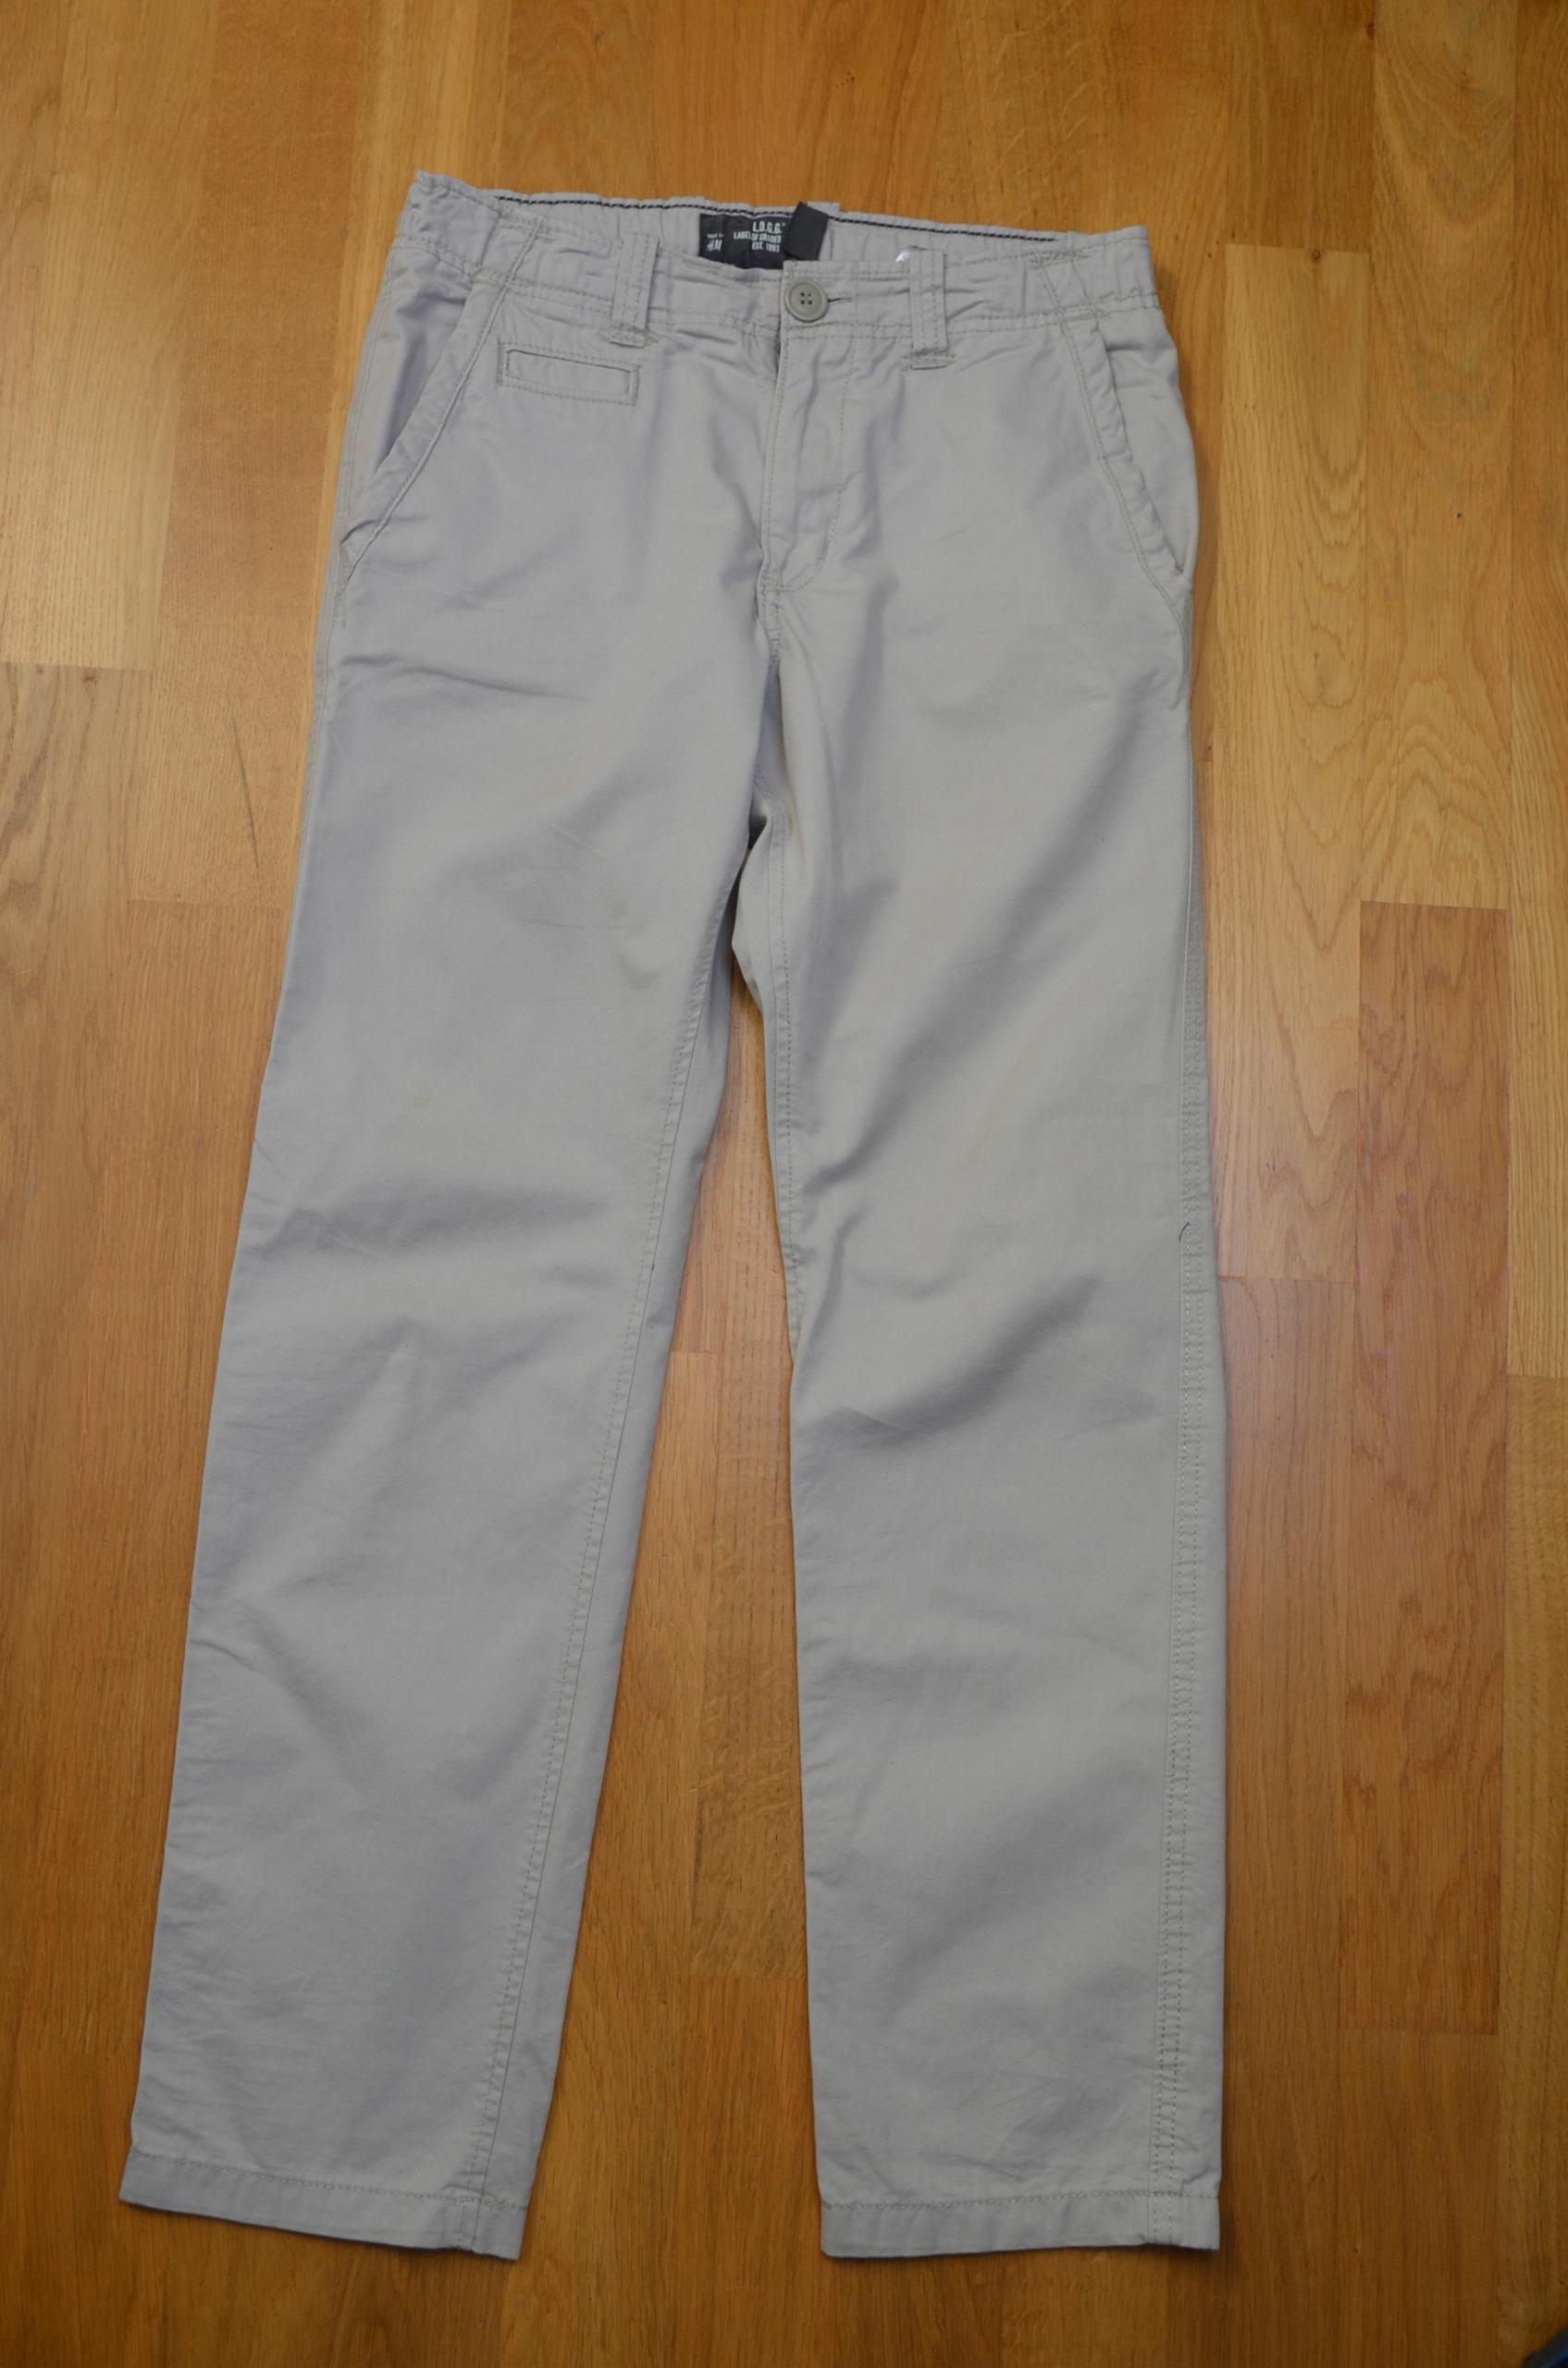 Spodnie chłopięce H&M, rozmiar 152 cm